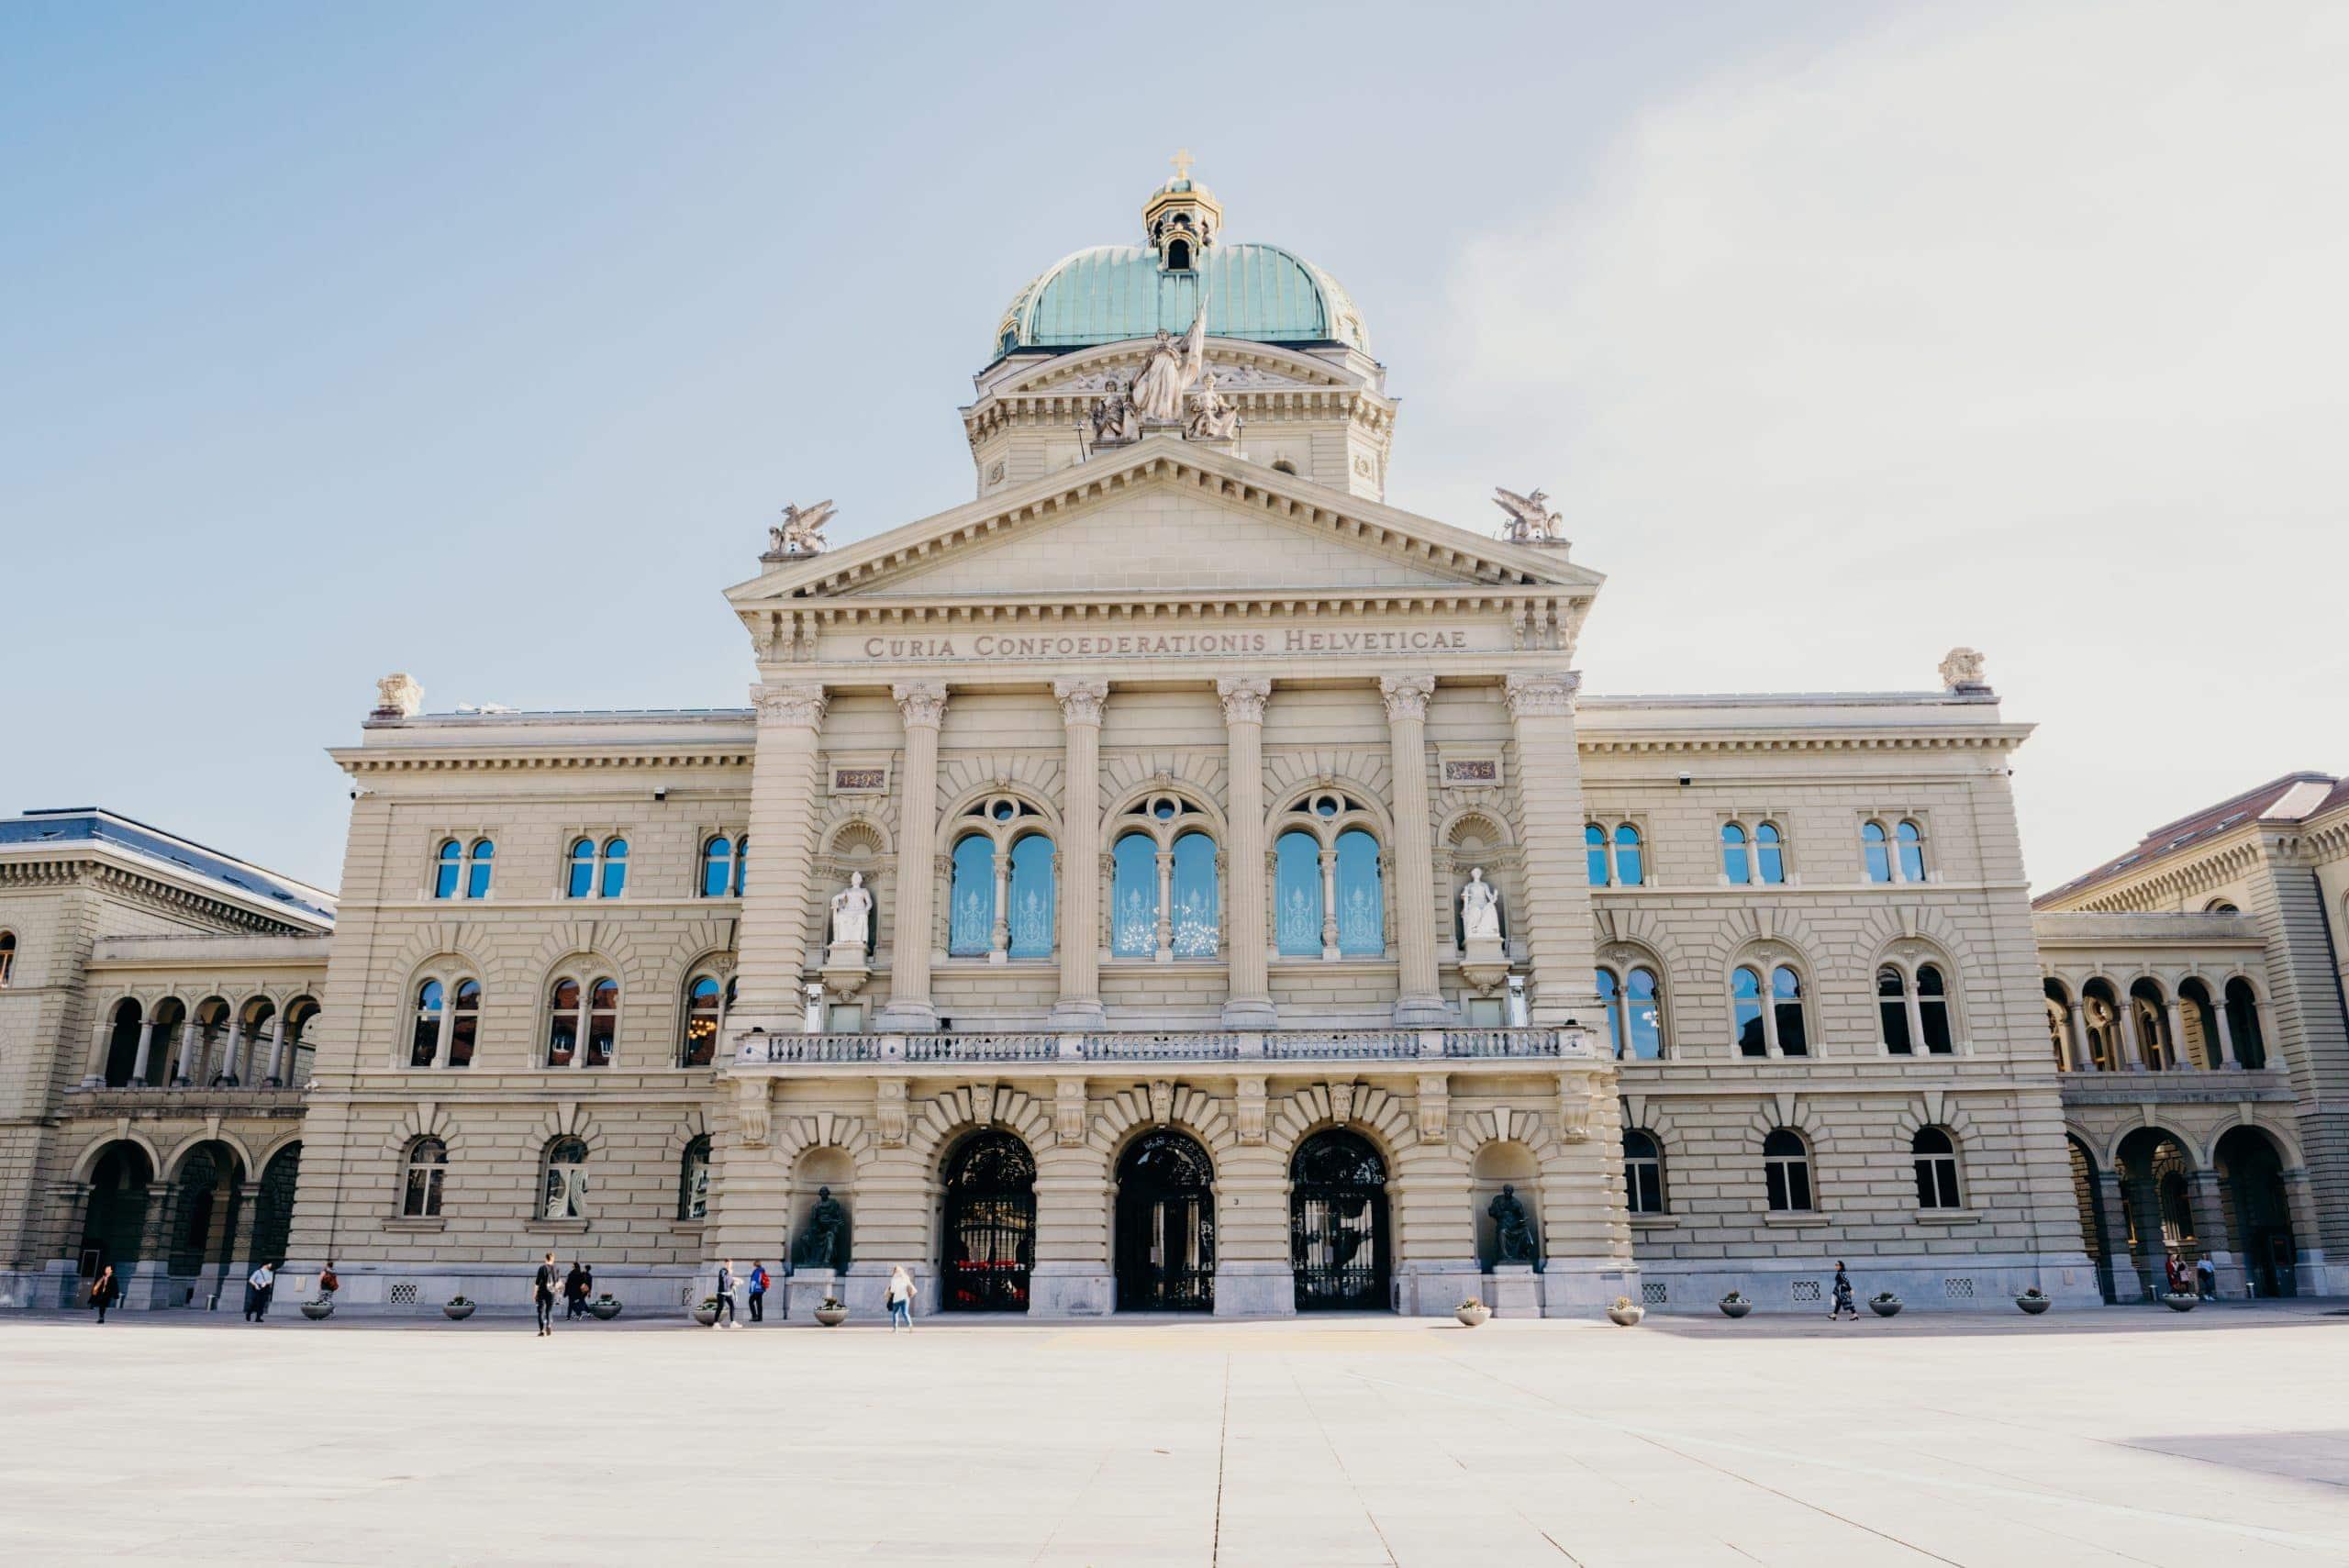 Bern switzerland things to do Bundeshaus parliament building